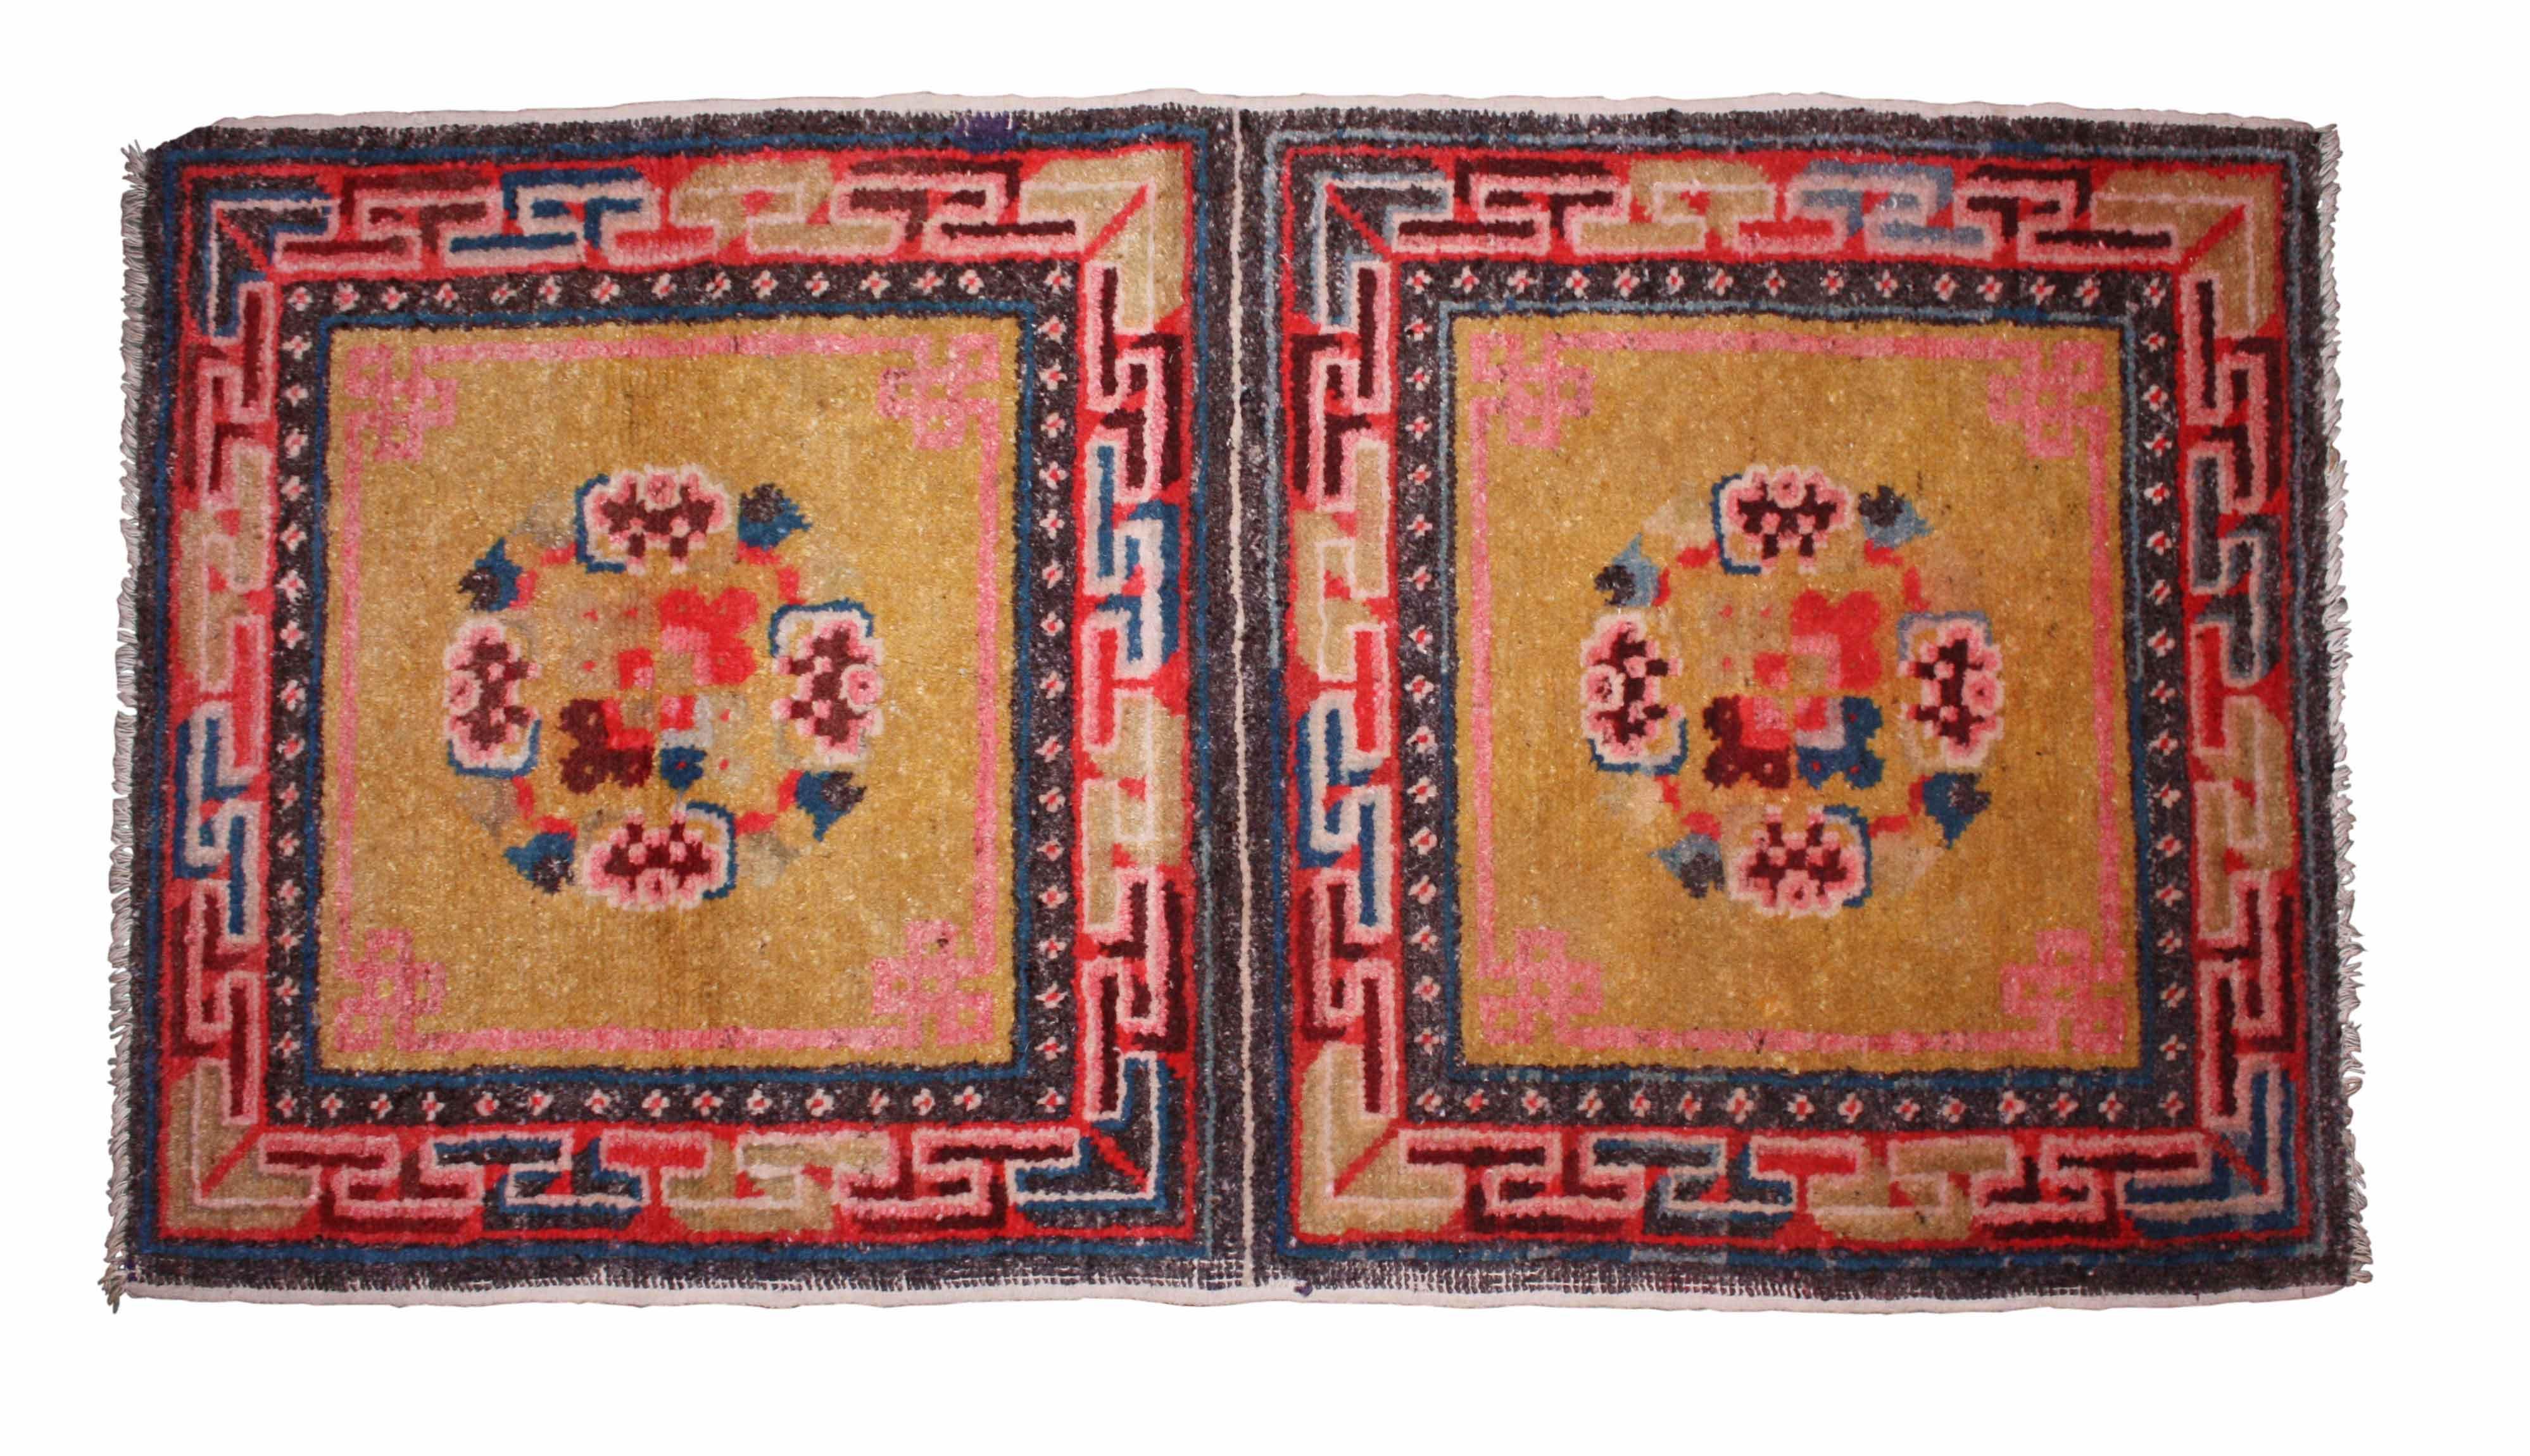 #14739 Antique Tibetan Handwoven Wool Rug